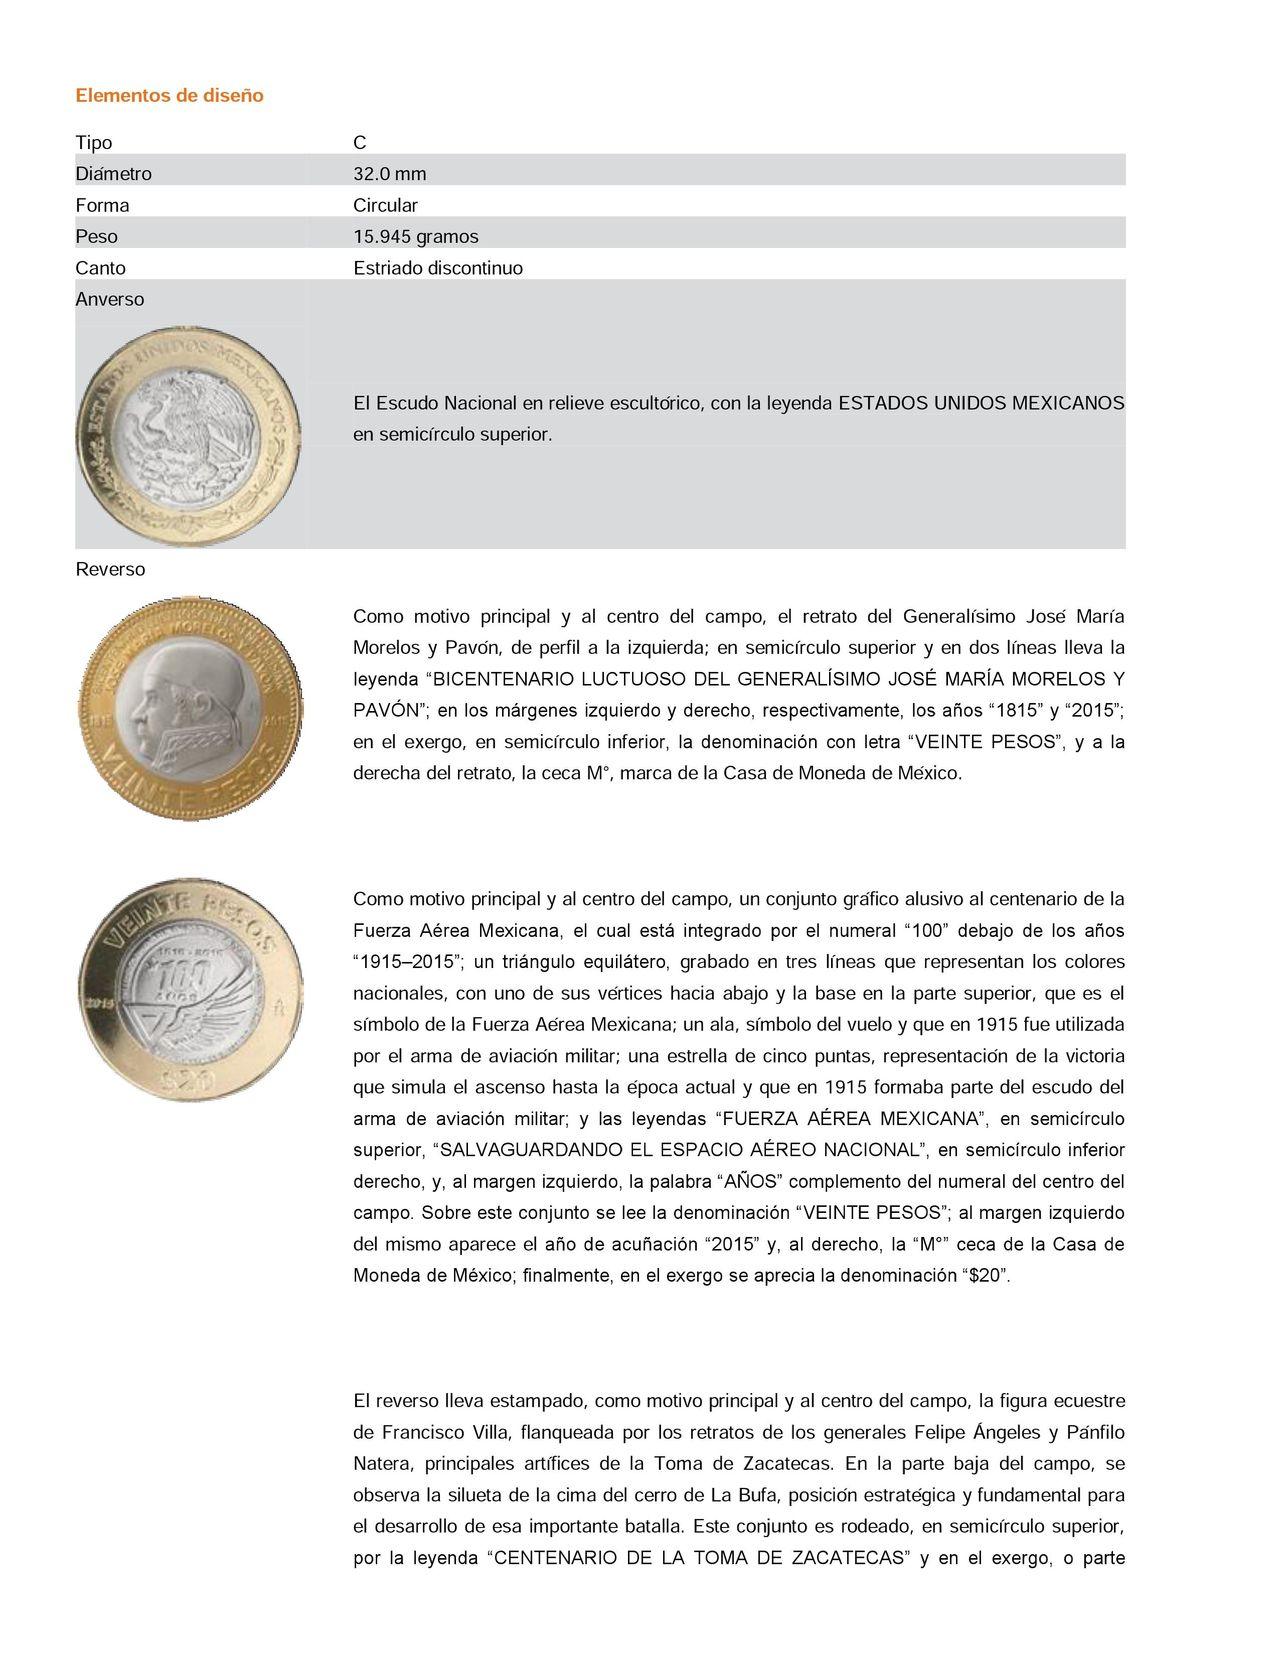 Nueva moneda de 20 pesos en circulacion  0001